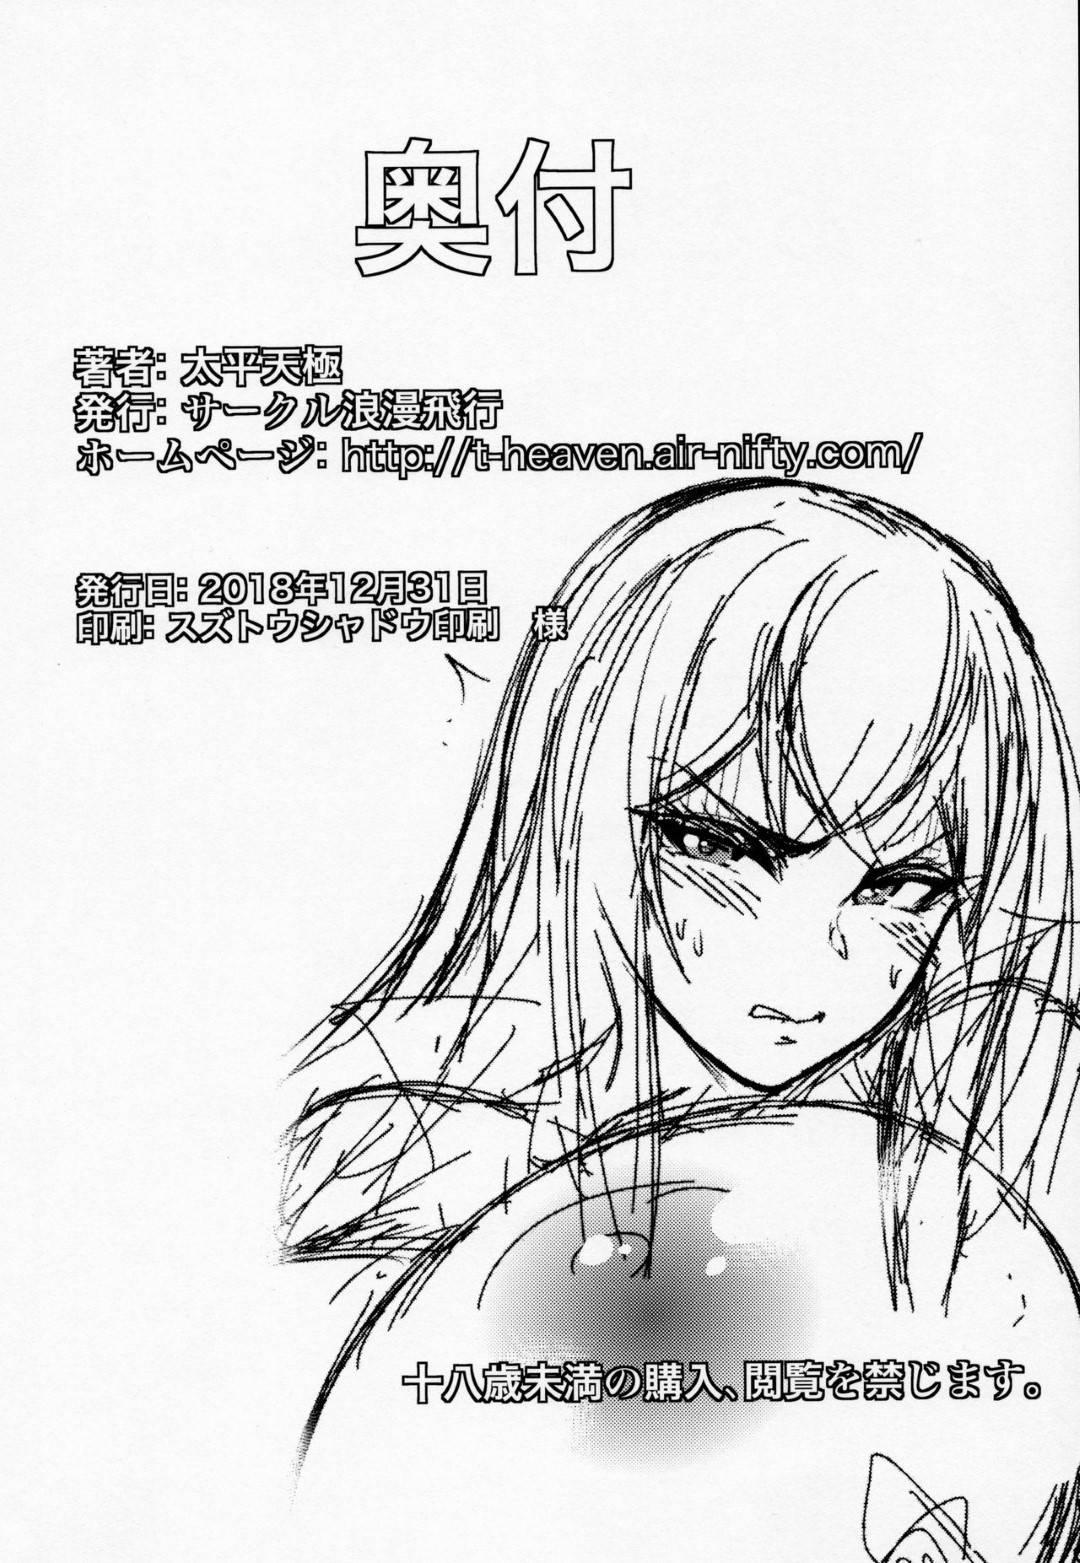 【洗脳エロ漫画】おじさんに脅迫を受けて10日間性奴隷になることになってしまった爆乳娘。指示通りホテルへ訪れた彼女は乳首を舐められたり、ディープキスされたり愛撫されて正常位や対面座位で生挿入されてしまう。【サークル浪漫飛行】